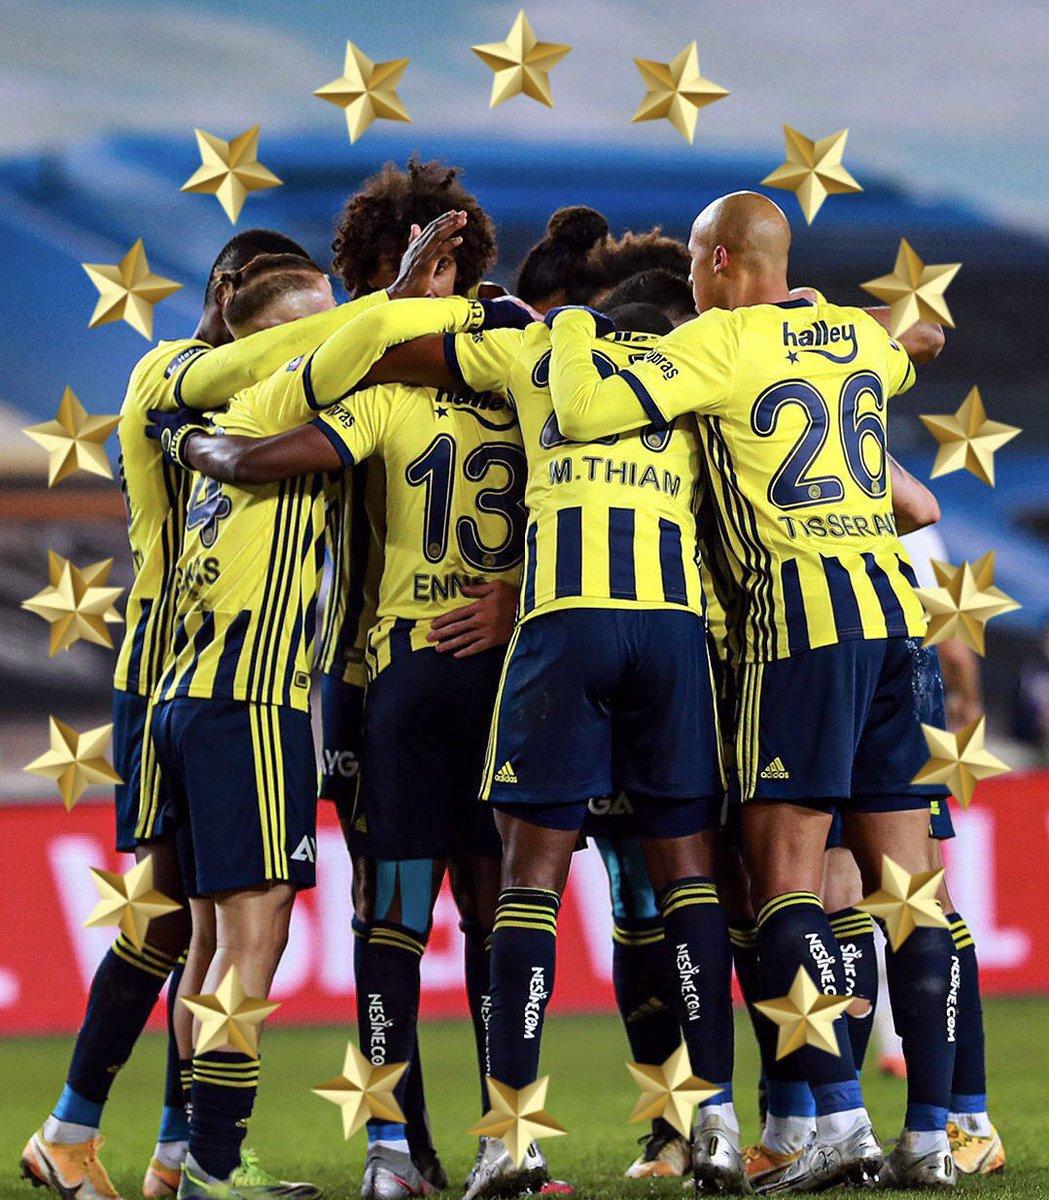 Taraftarlarımız daha Trabzonspor maçını oynamadan, Ümitsizliğe düşmek yakışmaz  bize. Göztepe yenilgisine umutlananlar Fenerbahçe nin altında ezilebilirler.  Öyle Heveslenmesinler... https://t.co/FmwUCkZImY